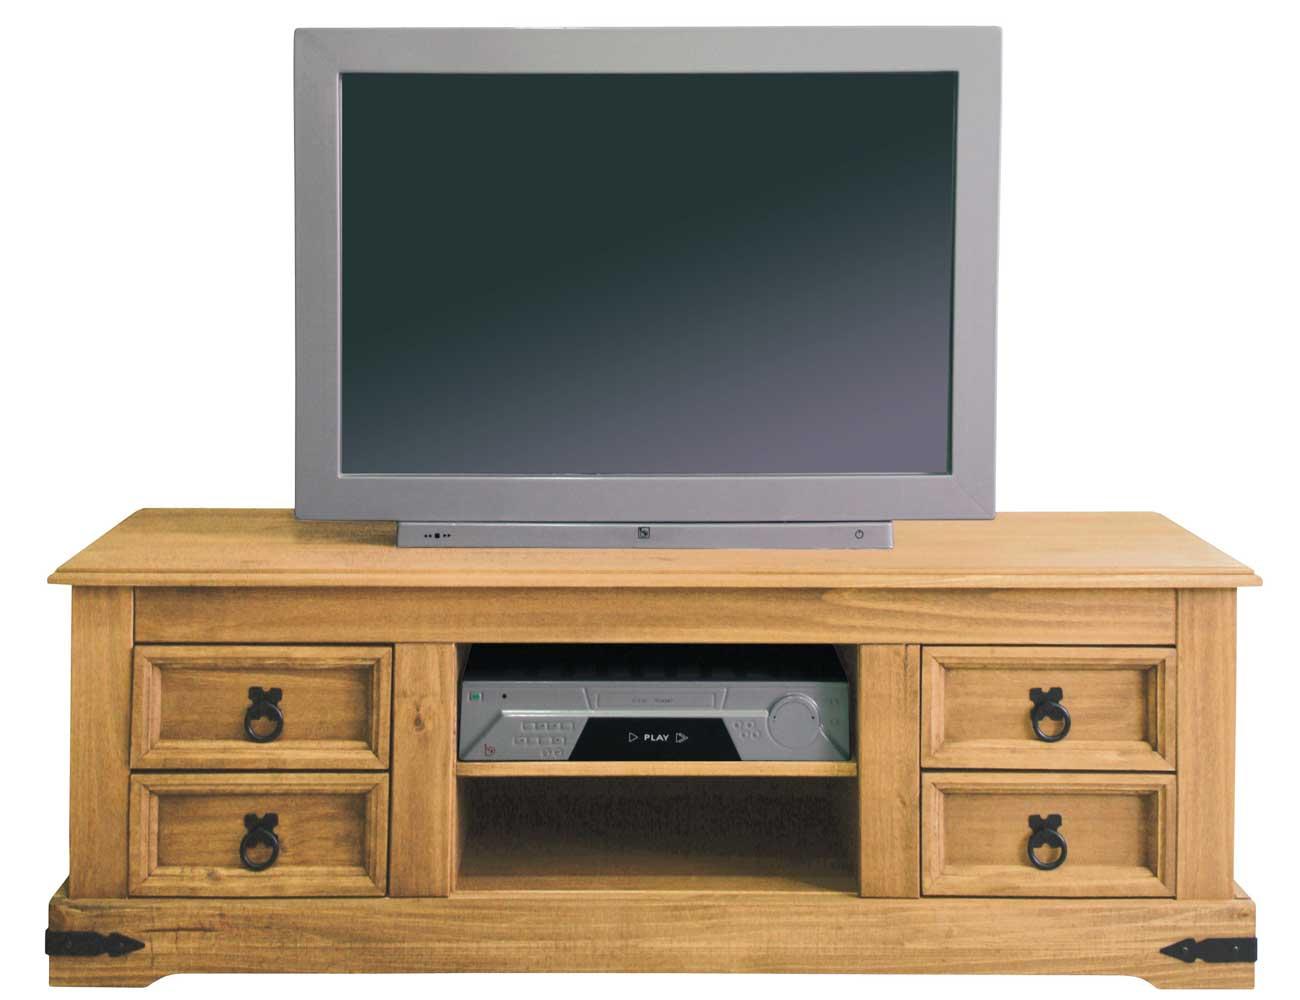 Mesa bajo tv 4 cajones y 2 huecos en madera r stico 130 cm for Mueble compacto tv